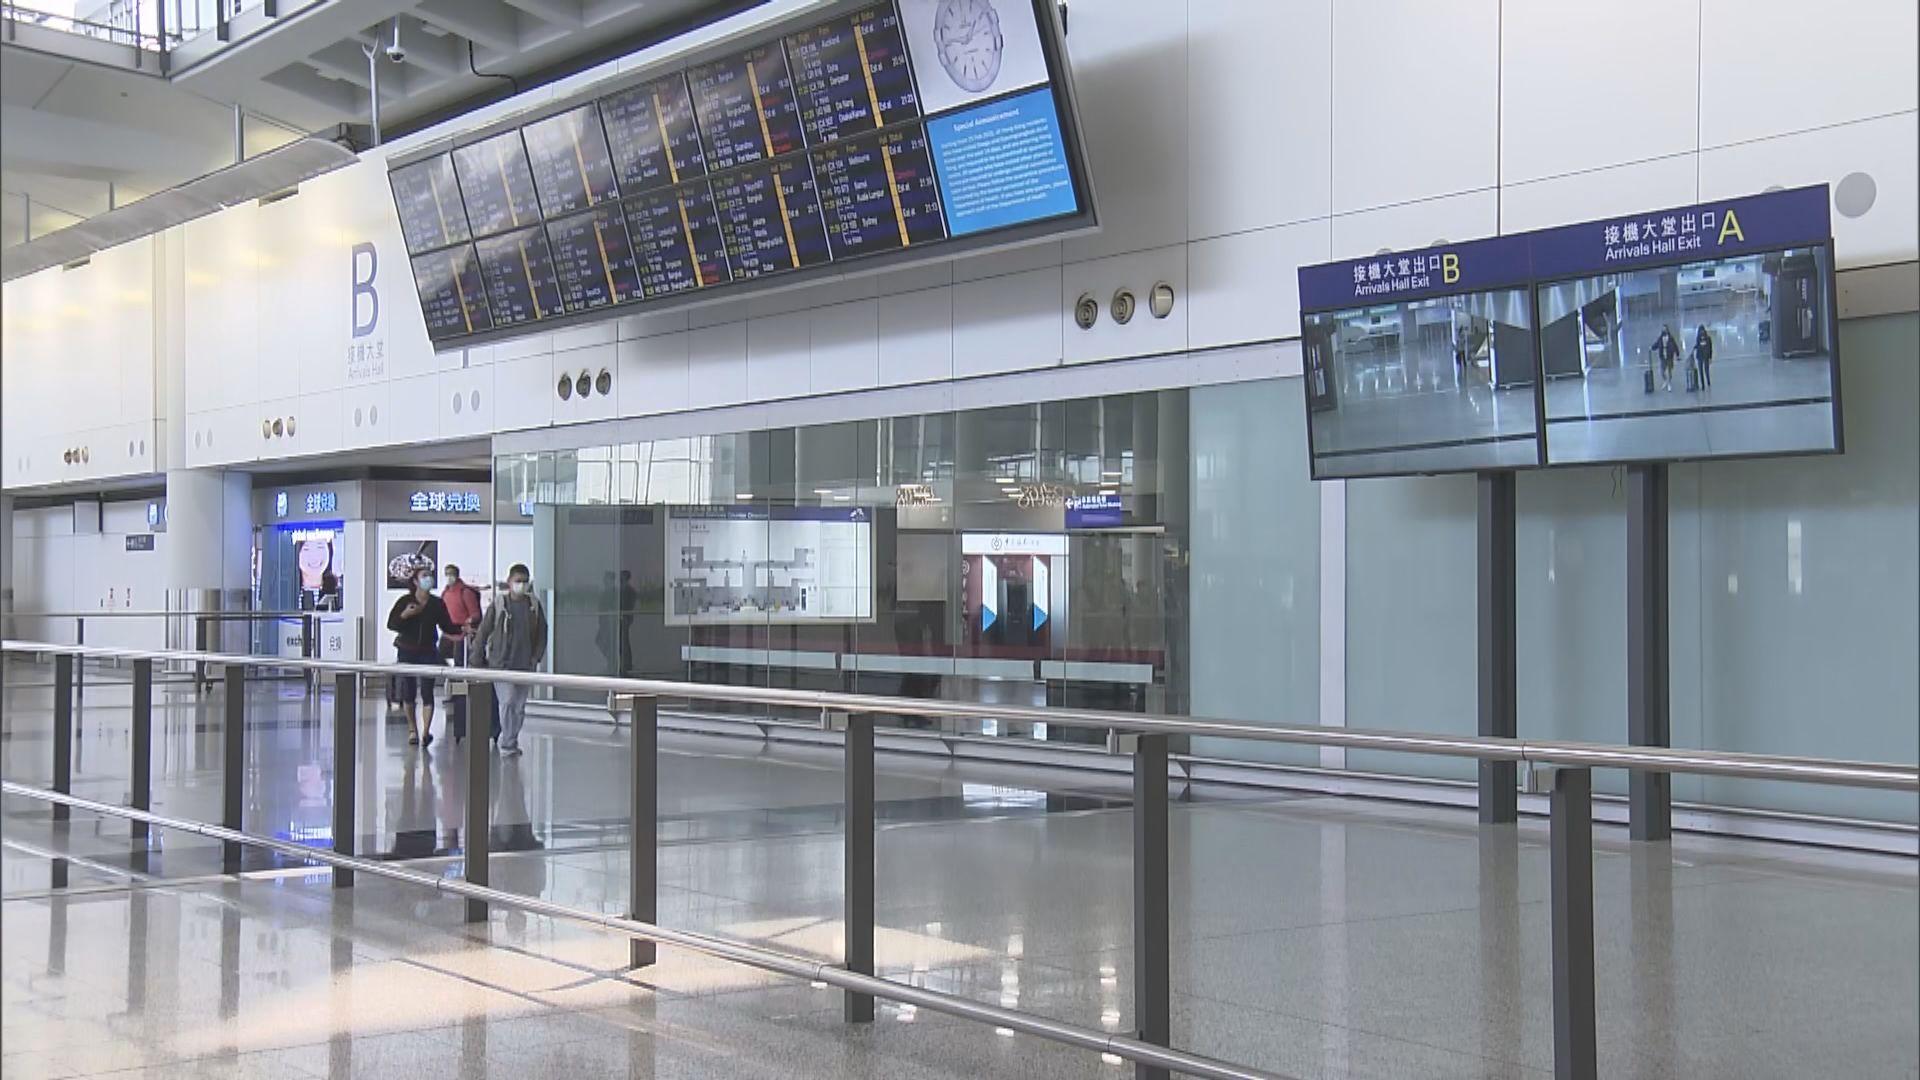 政府凌晨起禁從海外乘飛機抵港非本港居民入境